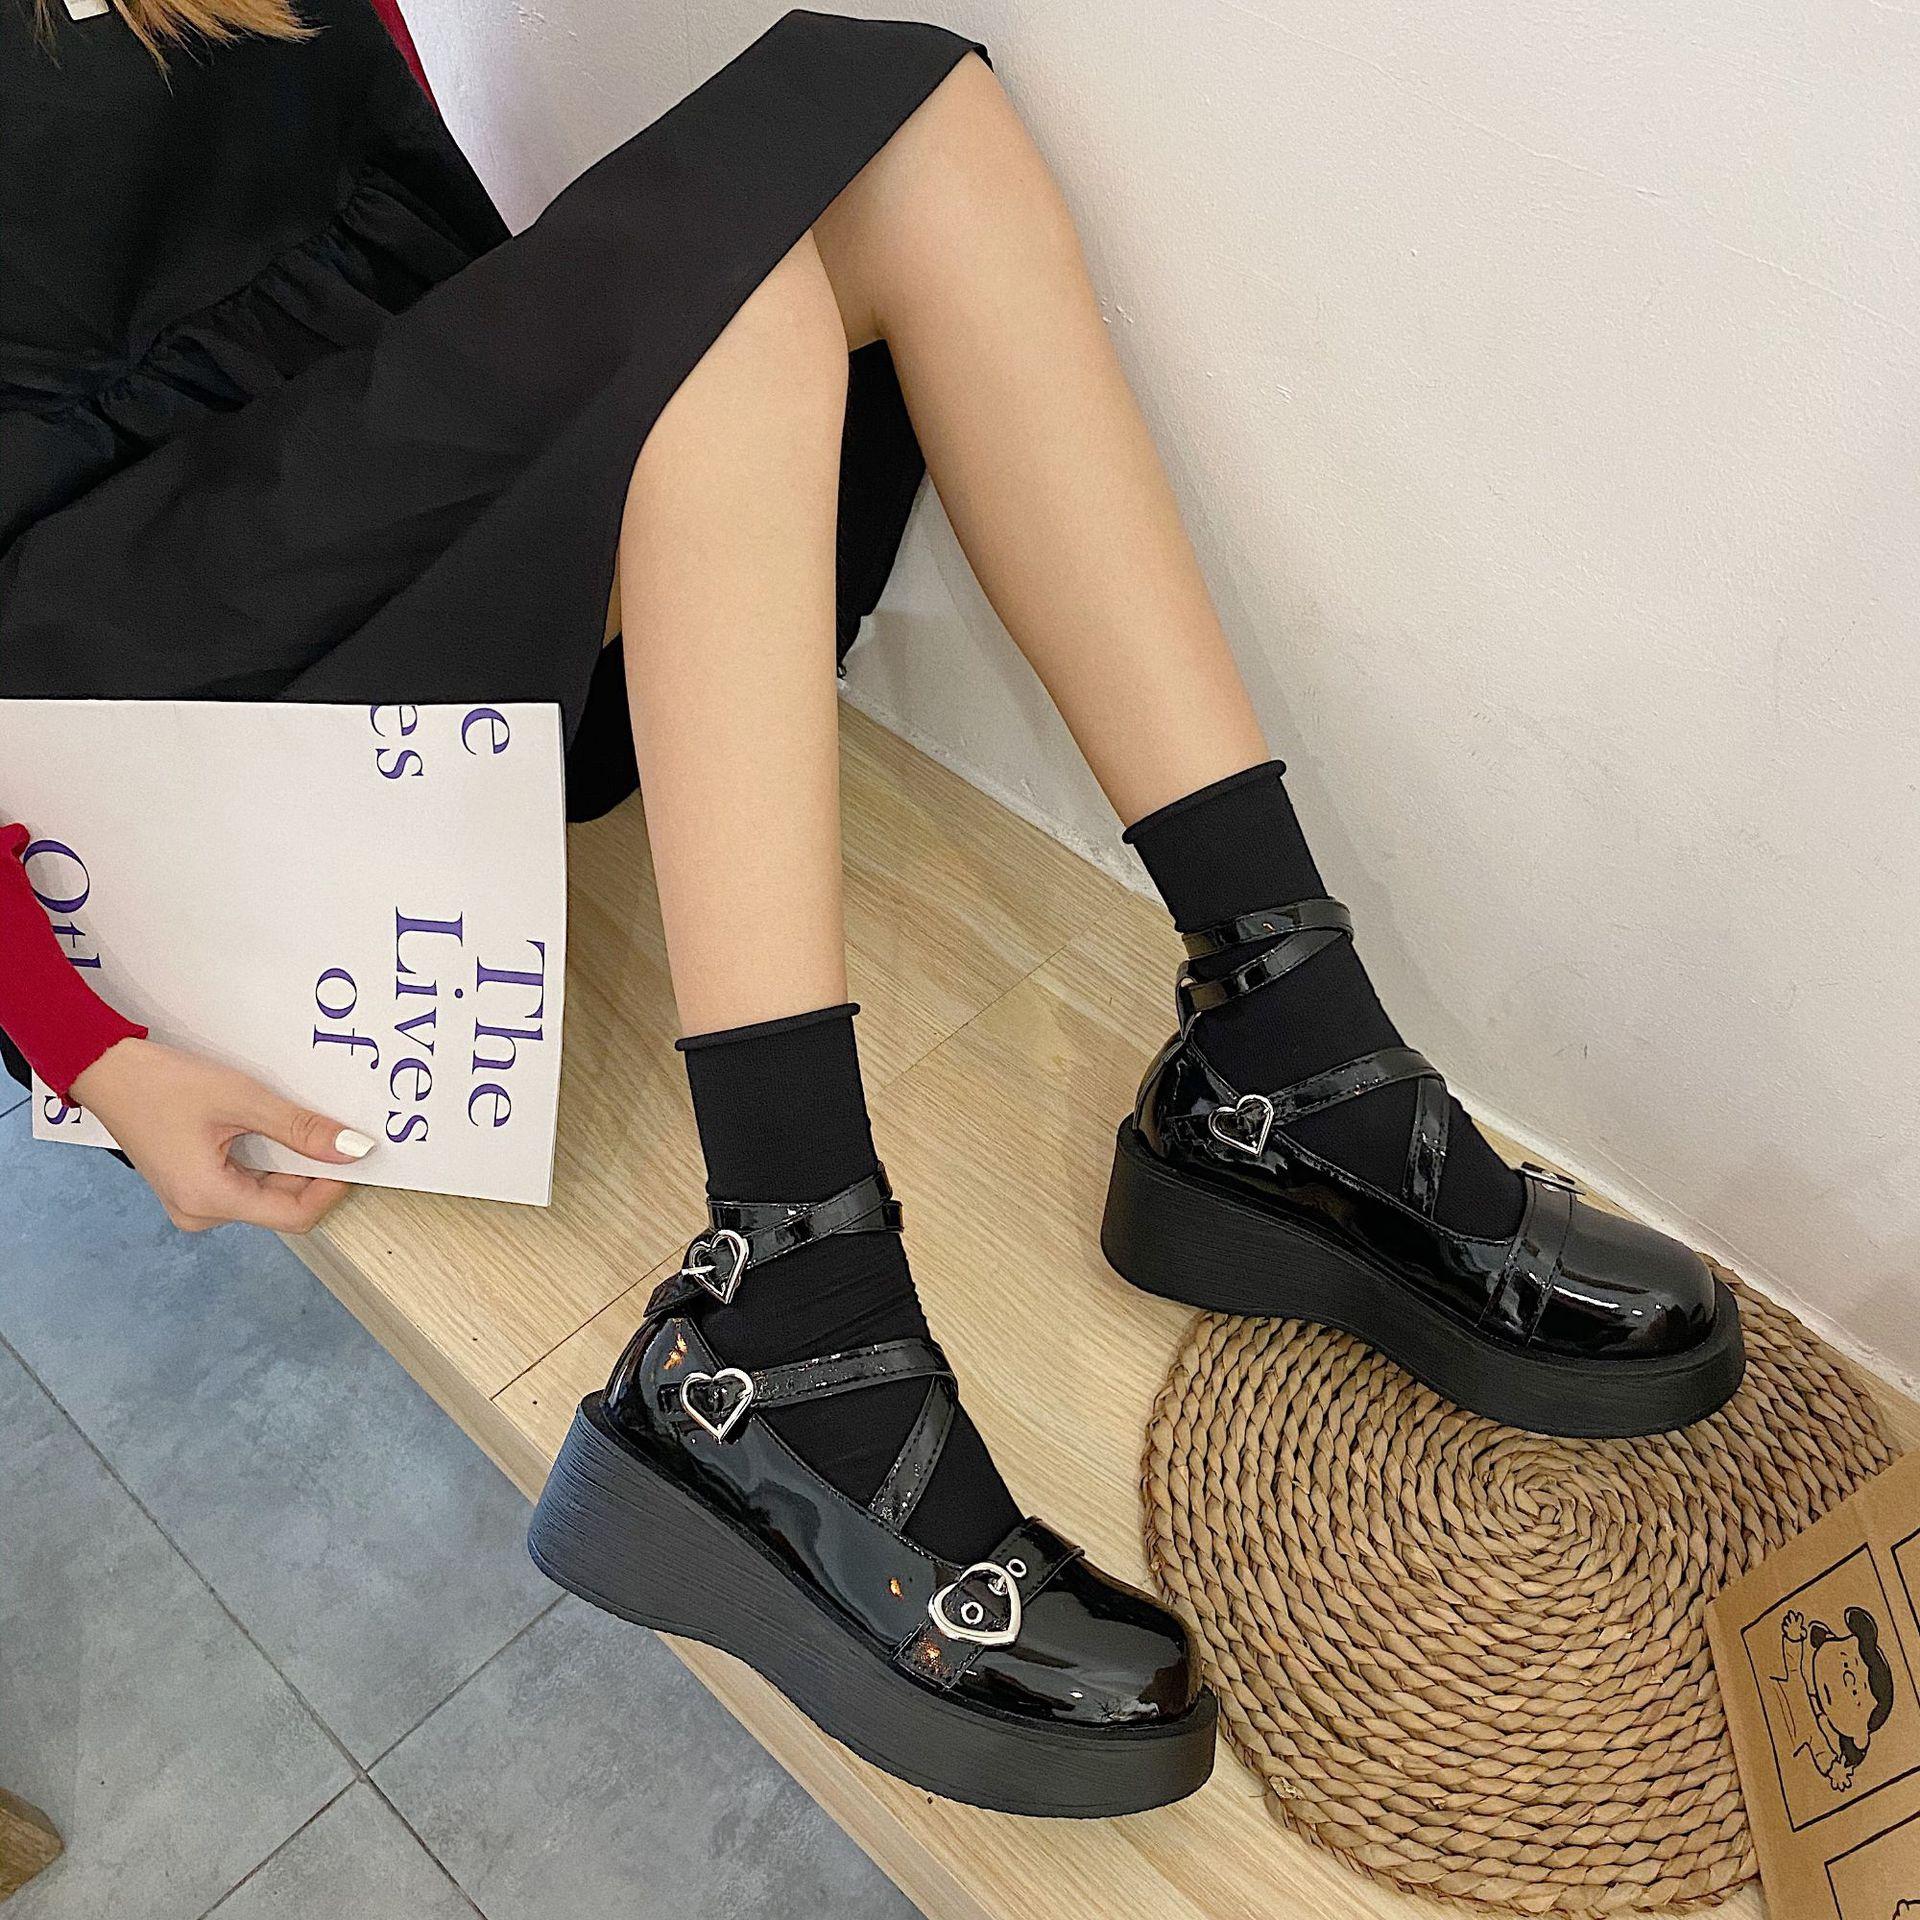 ロリの小さい革靴の女性の日はロレッタの靴の学生の柔らかい妹の子供の靴の梅露のlolitajk制服の靴を結びます。